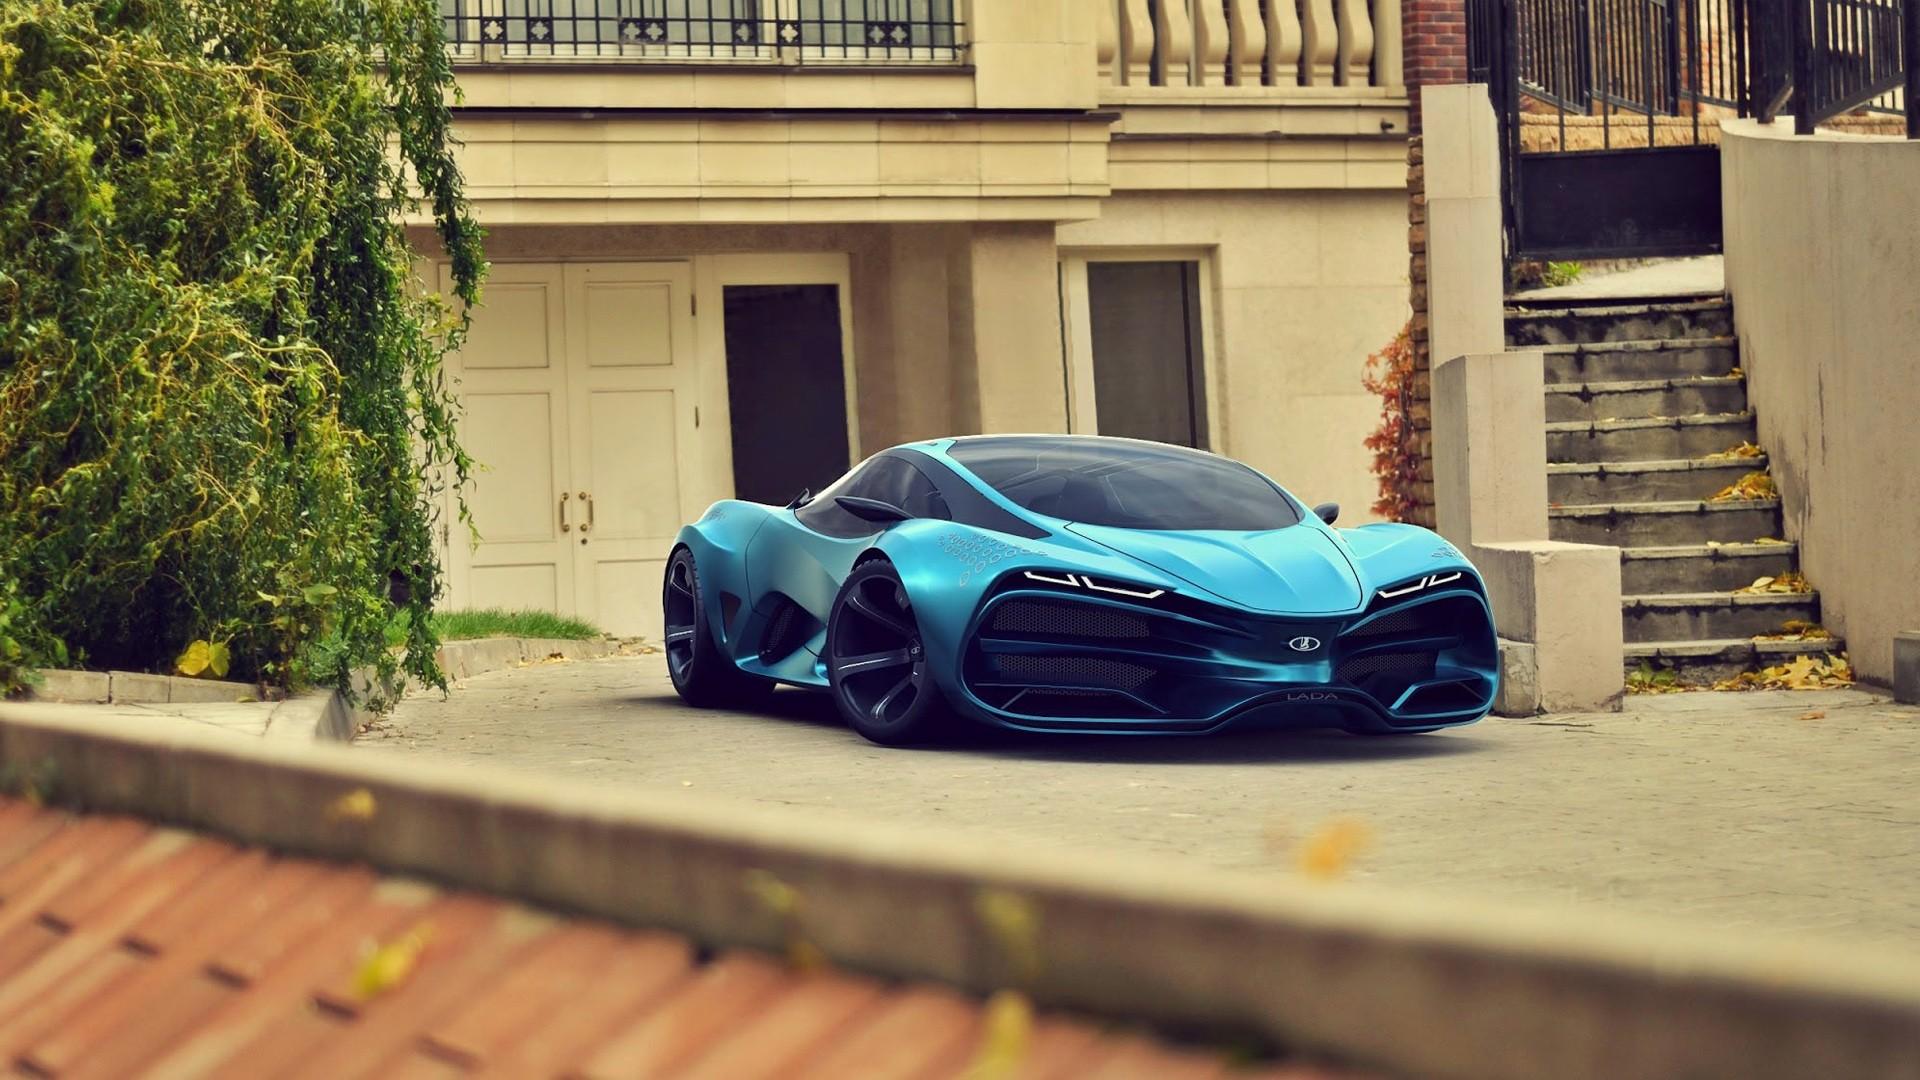 Bmw Hd Wallpapers 1080p Download 2015 Lada Raven Supercar Concept 3 Wallpaper Hd Car